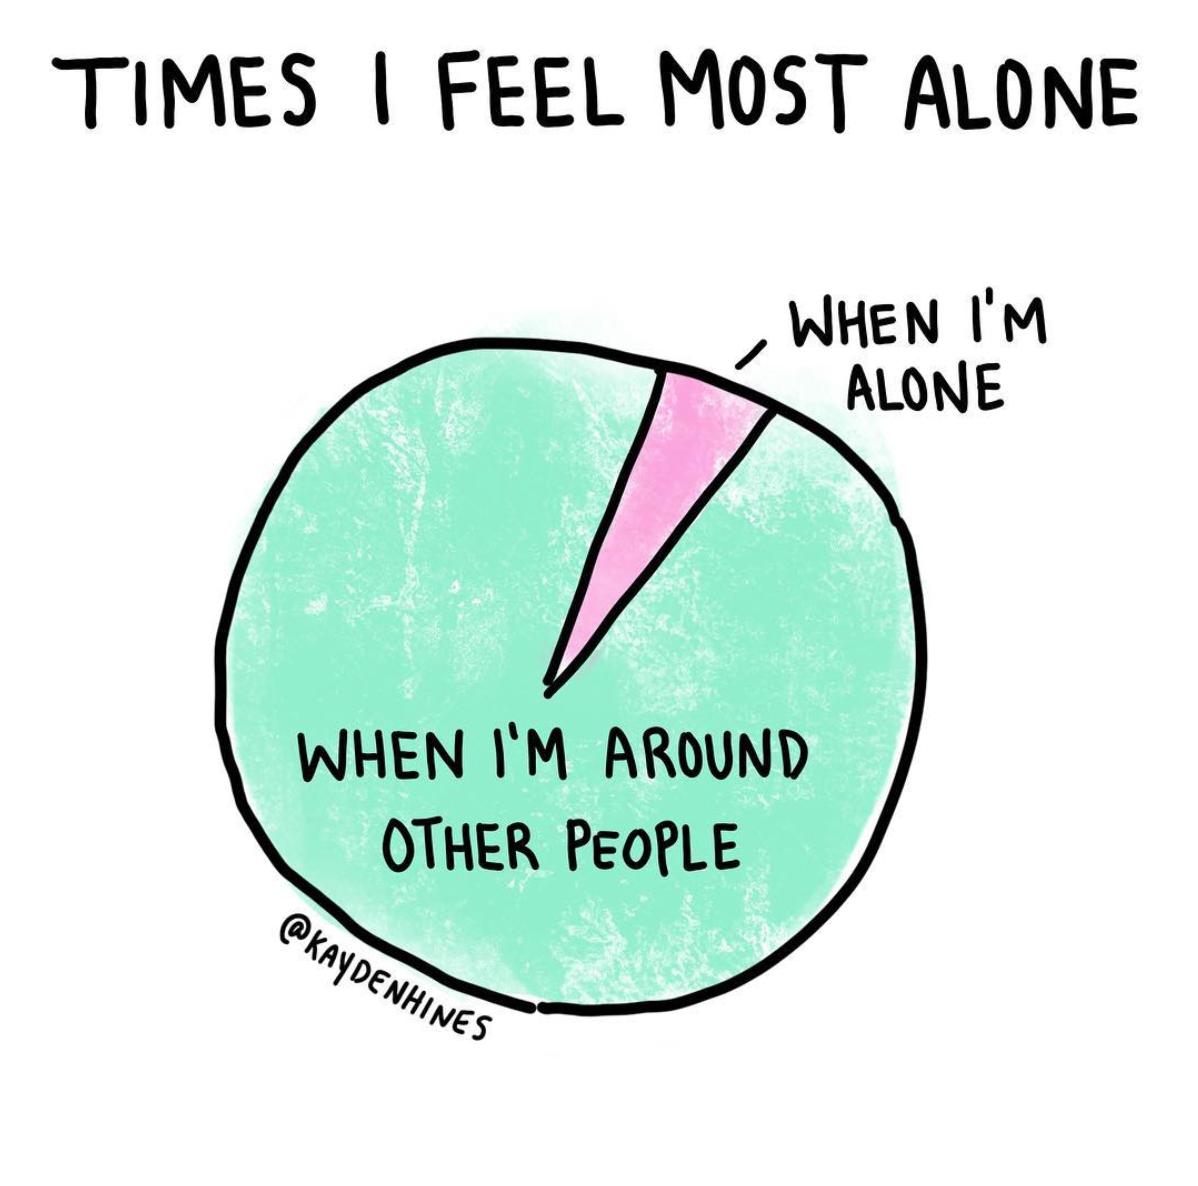 Quanto ti senti solo? Uno schema per capirlo